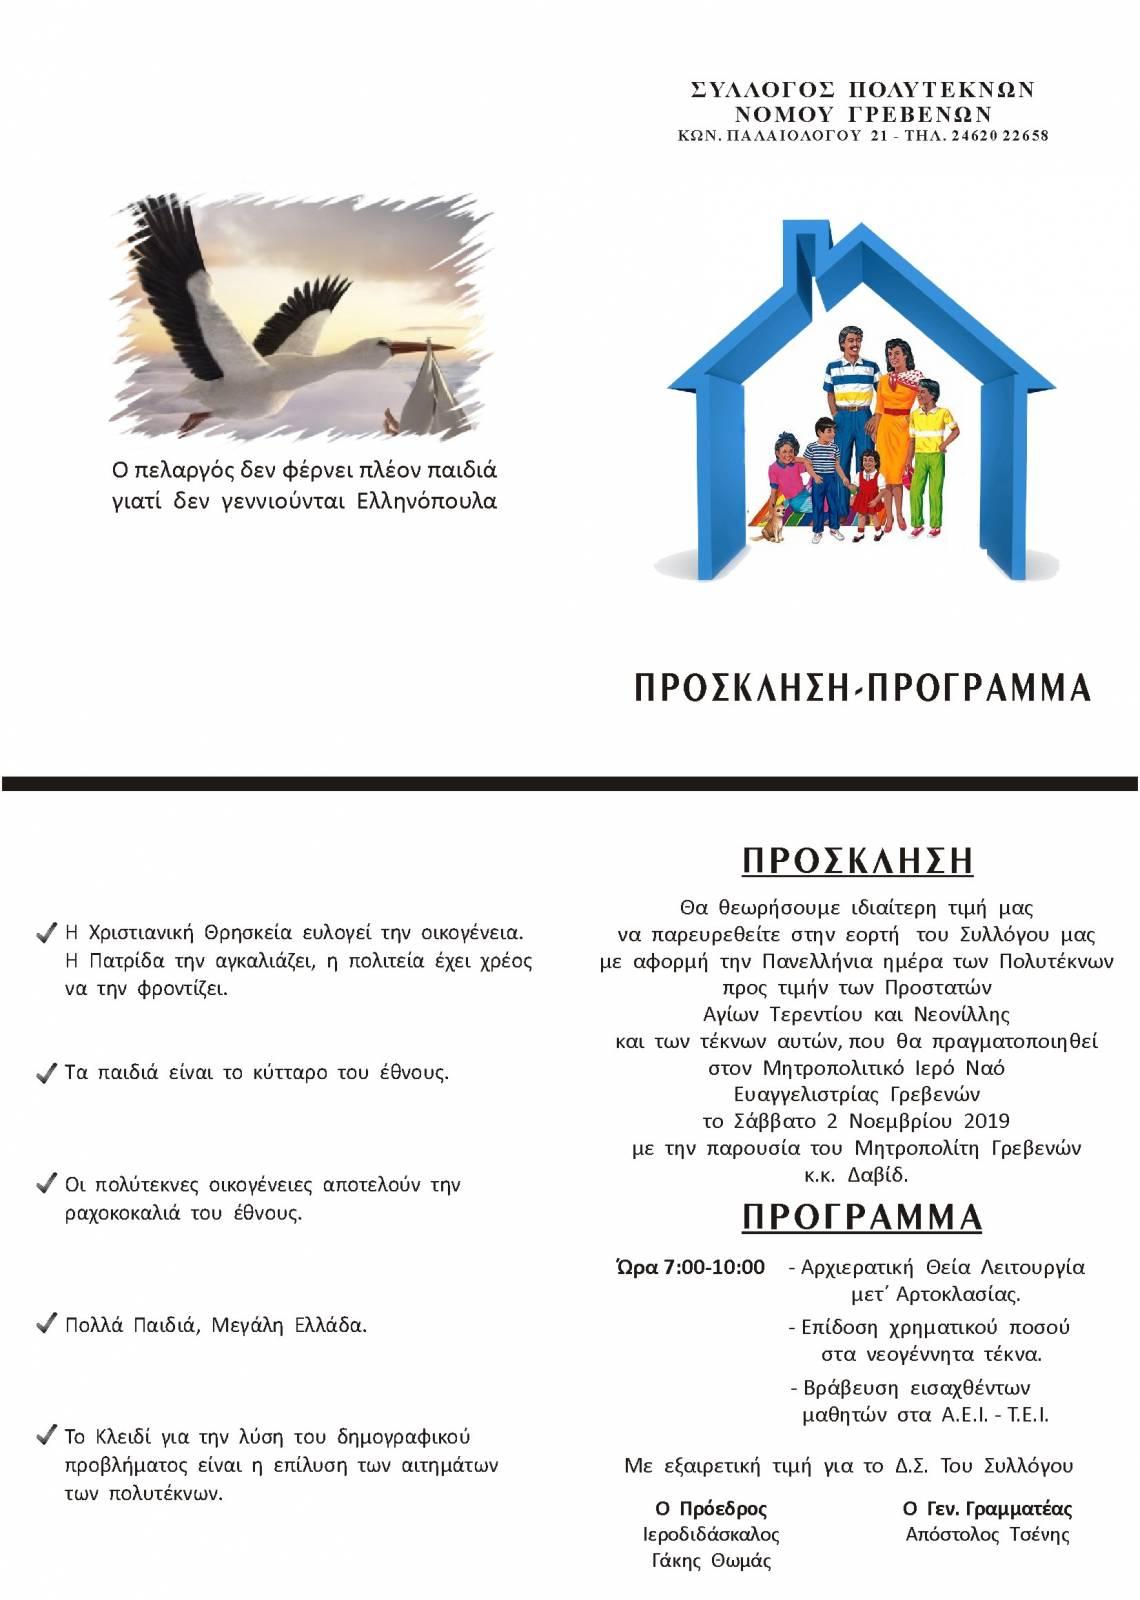 Γιορτή Πολυτέκνων θα πραγματοποιηθεί το Σάββατο 2 Νοεμβρίου στον Ιερό Μητροπολιτικό Ναό Ευαγγελιστρίας Γρεβενών